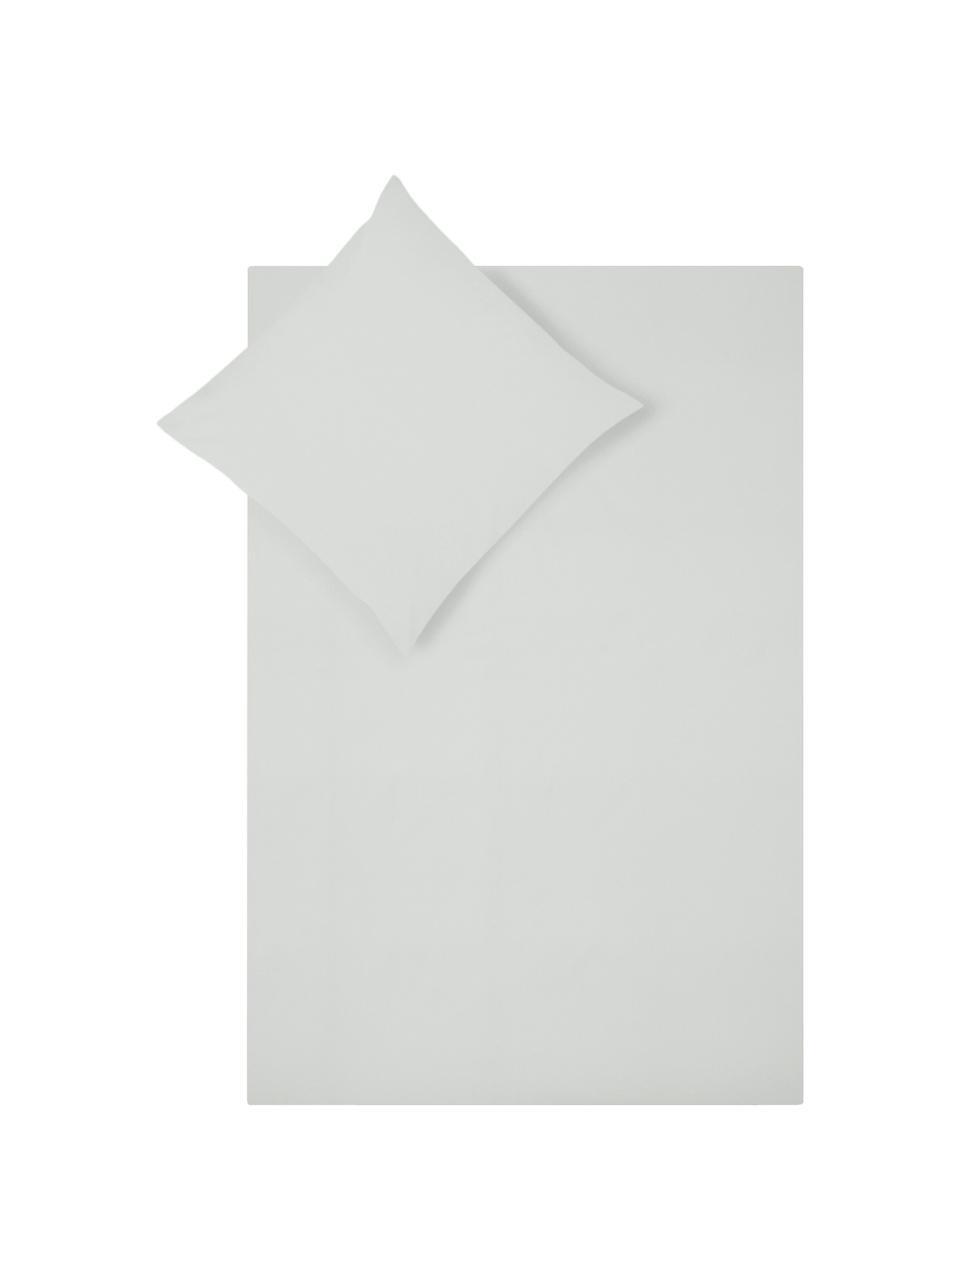 Baumwollperkal-Bettwäsche Elsie in Hellgrau, Webart: Perkal Fadendichte 200 TC, Hellgrau, 135 x 200 cm + 1 Kissen 80 x 80 cm